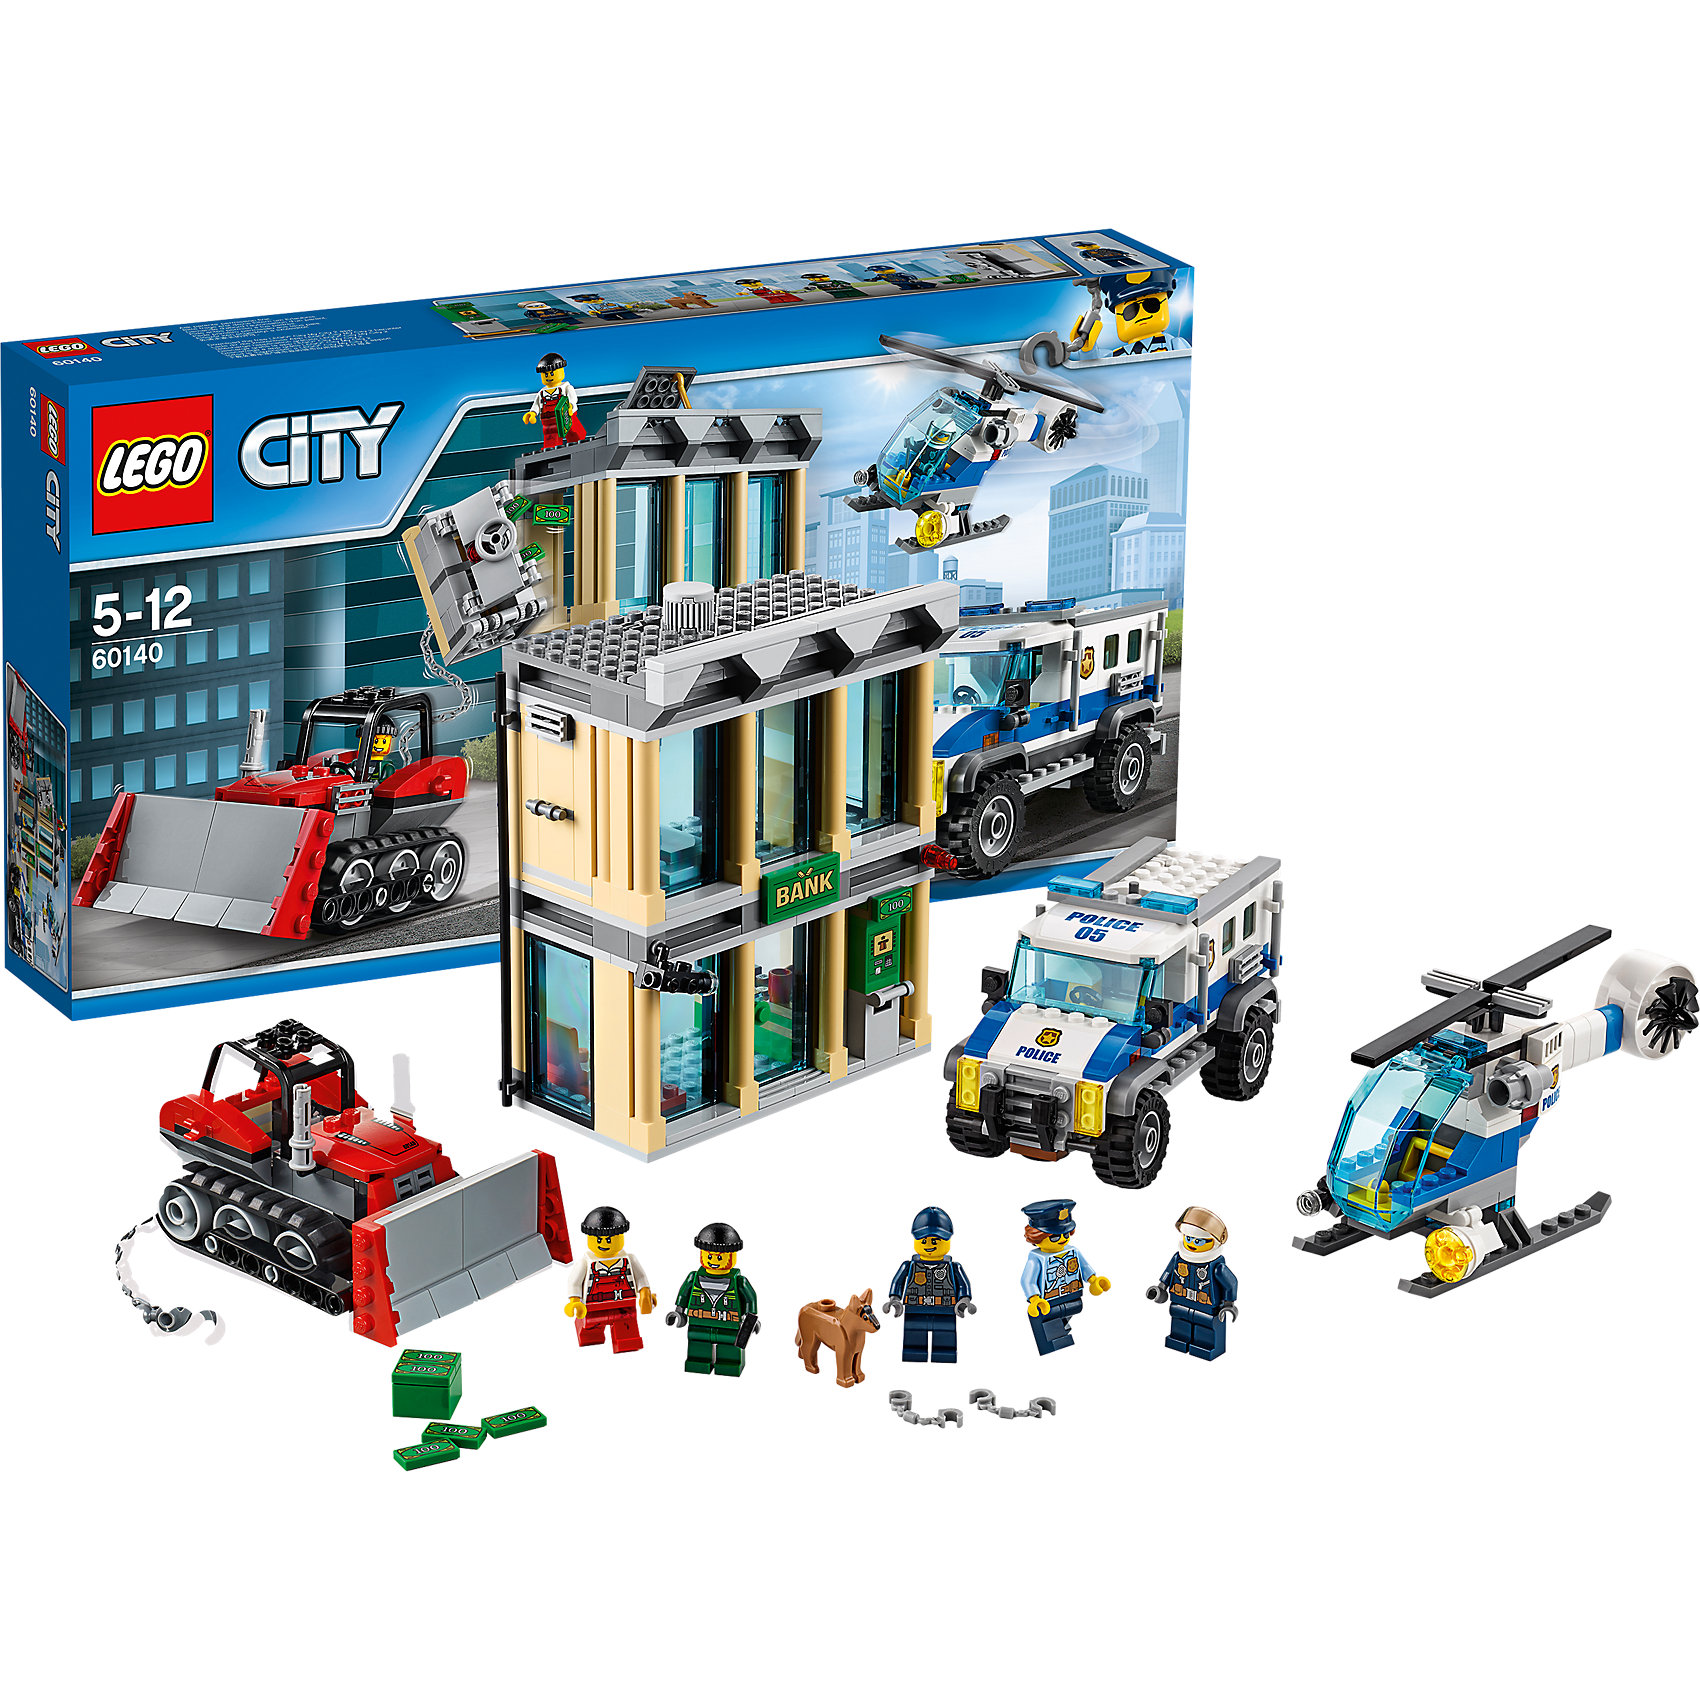 LEGO City 60140: Ограбление на бульдозереПластмассовые конструкторы<br>LEGO City 60140: Ограбление на бульдозере<br><br>Характеристики:<br><br>- в набор входит: банк, полицейский вертолет, полицейская машина, бульдозер, 5 фигурки людей, фигурка собаки, аксессуары, инструкция<br>- состав: пластик<br>- количество деталей: 561<br>- размер коробки: 28 * 7,5 * 54 см.<br>- размер банка: 16 * 6 * 13 см.<br>- вес: 1 100 гр.<br>- для детей в возрасте: от 5 до 12 лет<br>- Страна производитель: Дания/Китай/Чехия<br><br>Легендарный конструктор LEGO (ЛЕГО) представляет серию «City» (Сити) в виде деталей жизни большого города, в котором есть абсолютно все. Серия делает игры еще более настоящими, благодаря отличным аксессуарам. Стражи закона Лего Сити всегда готовы прийти на помощь жителям города. Двухэтажное здание банка со всем необходимым оборудованием, банкоматом и камерой наблюдения передало сигнал об ограблении в полицейский участок. Два грабителя на бульдозере ворвались и похитили деньги из банка. Два патрульных полицейских и собака вооружились наручниками и отправились на вызов. С воздуха патруль прикрывает полицейский вертолет. Все три транспортных средства из этого набора оснащенными движущимися деталями, которые будут отлично смотреться как на моделях их набора, так и на самодельных частях. Этот большой набор отлично подойдет как новичкам Лего, так и преданным фанатам и коллекционерам серии. Предотврати ограбление и помоги полицейским добиться справедливости. Моделируй разные истории и ситуации в Лего Сити!<br><br>Конструктор  LEGO City 60140: Ограбление на бульдозере можно купить в нашем интернет-магазине.<br><br>Ширина мм: 538<br>Глубина мм: 281<br>Высота мм: 81<br>Вес г: 1164<br>Возраст от месяцев: 60<br>Возраст до месяцев: 144<br>Пол: Мужской<br>Возраст: Детский<br>SKU: 5002542